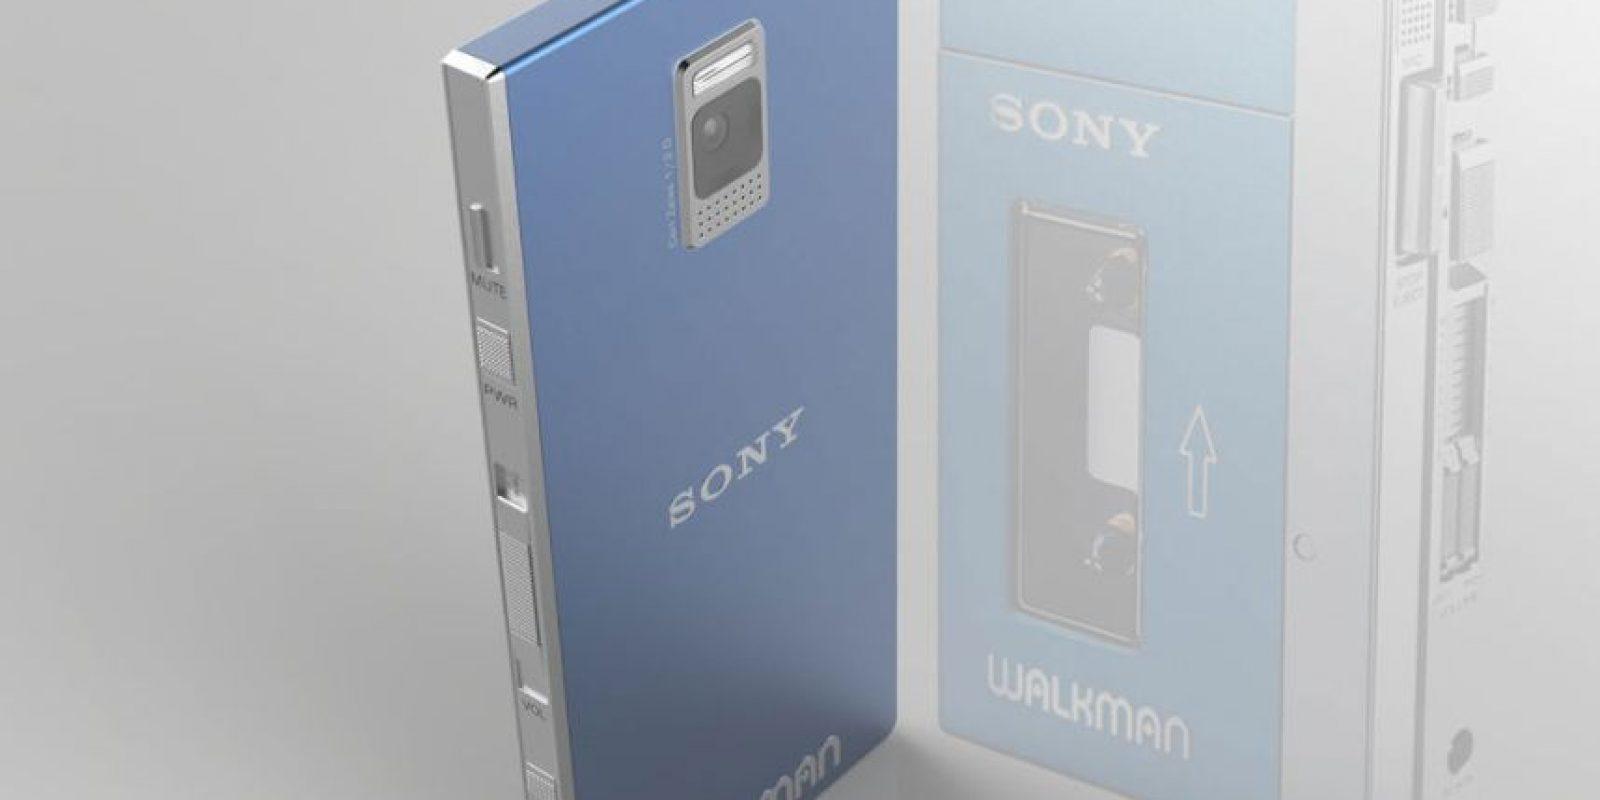 Walkman de Sony, para este diseñador, tendría que evolucionar a Talkman Foto:Pierre Cerveau